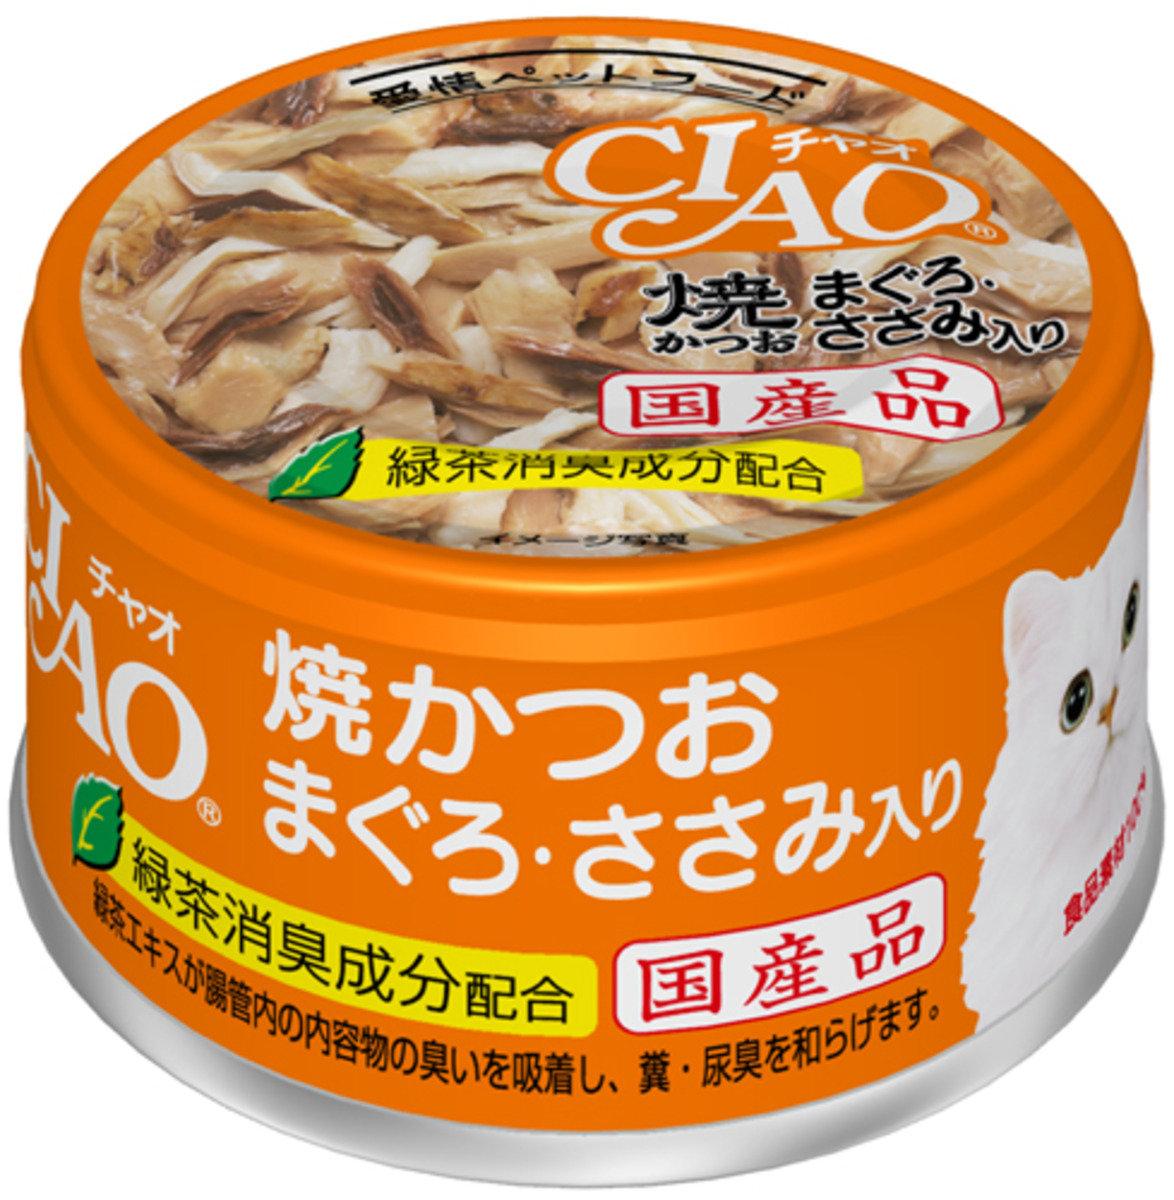 日本CIAO綠茶燒鰹魚雞肉金槍魚 A-18